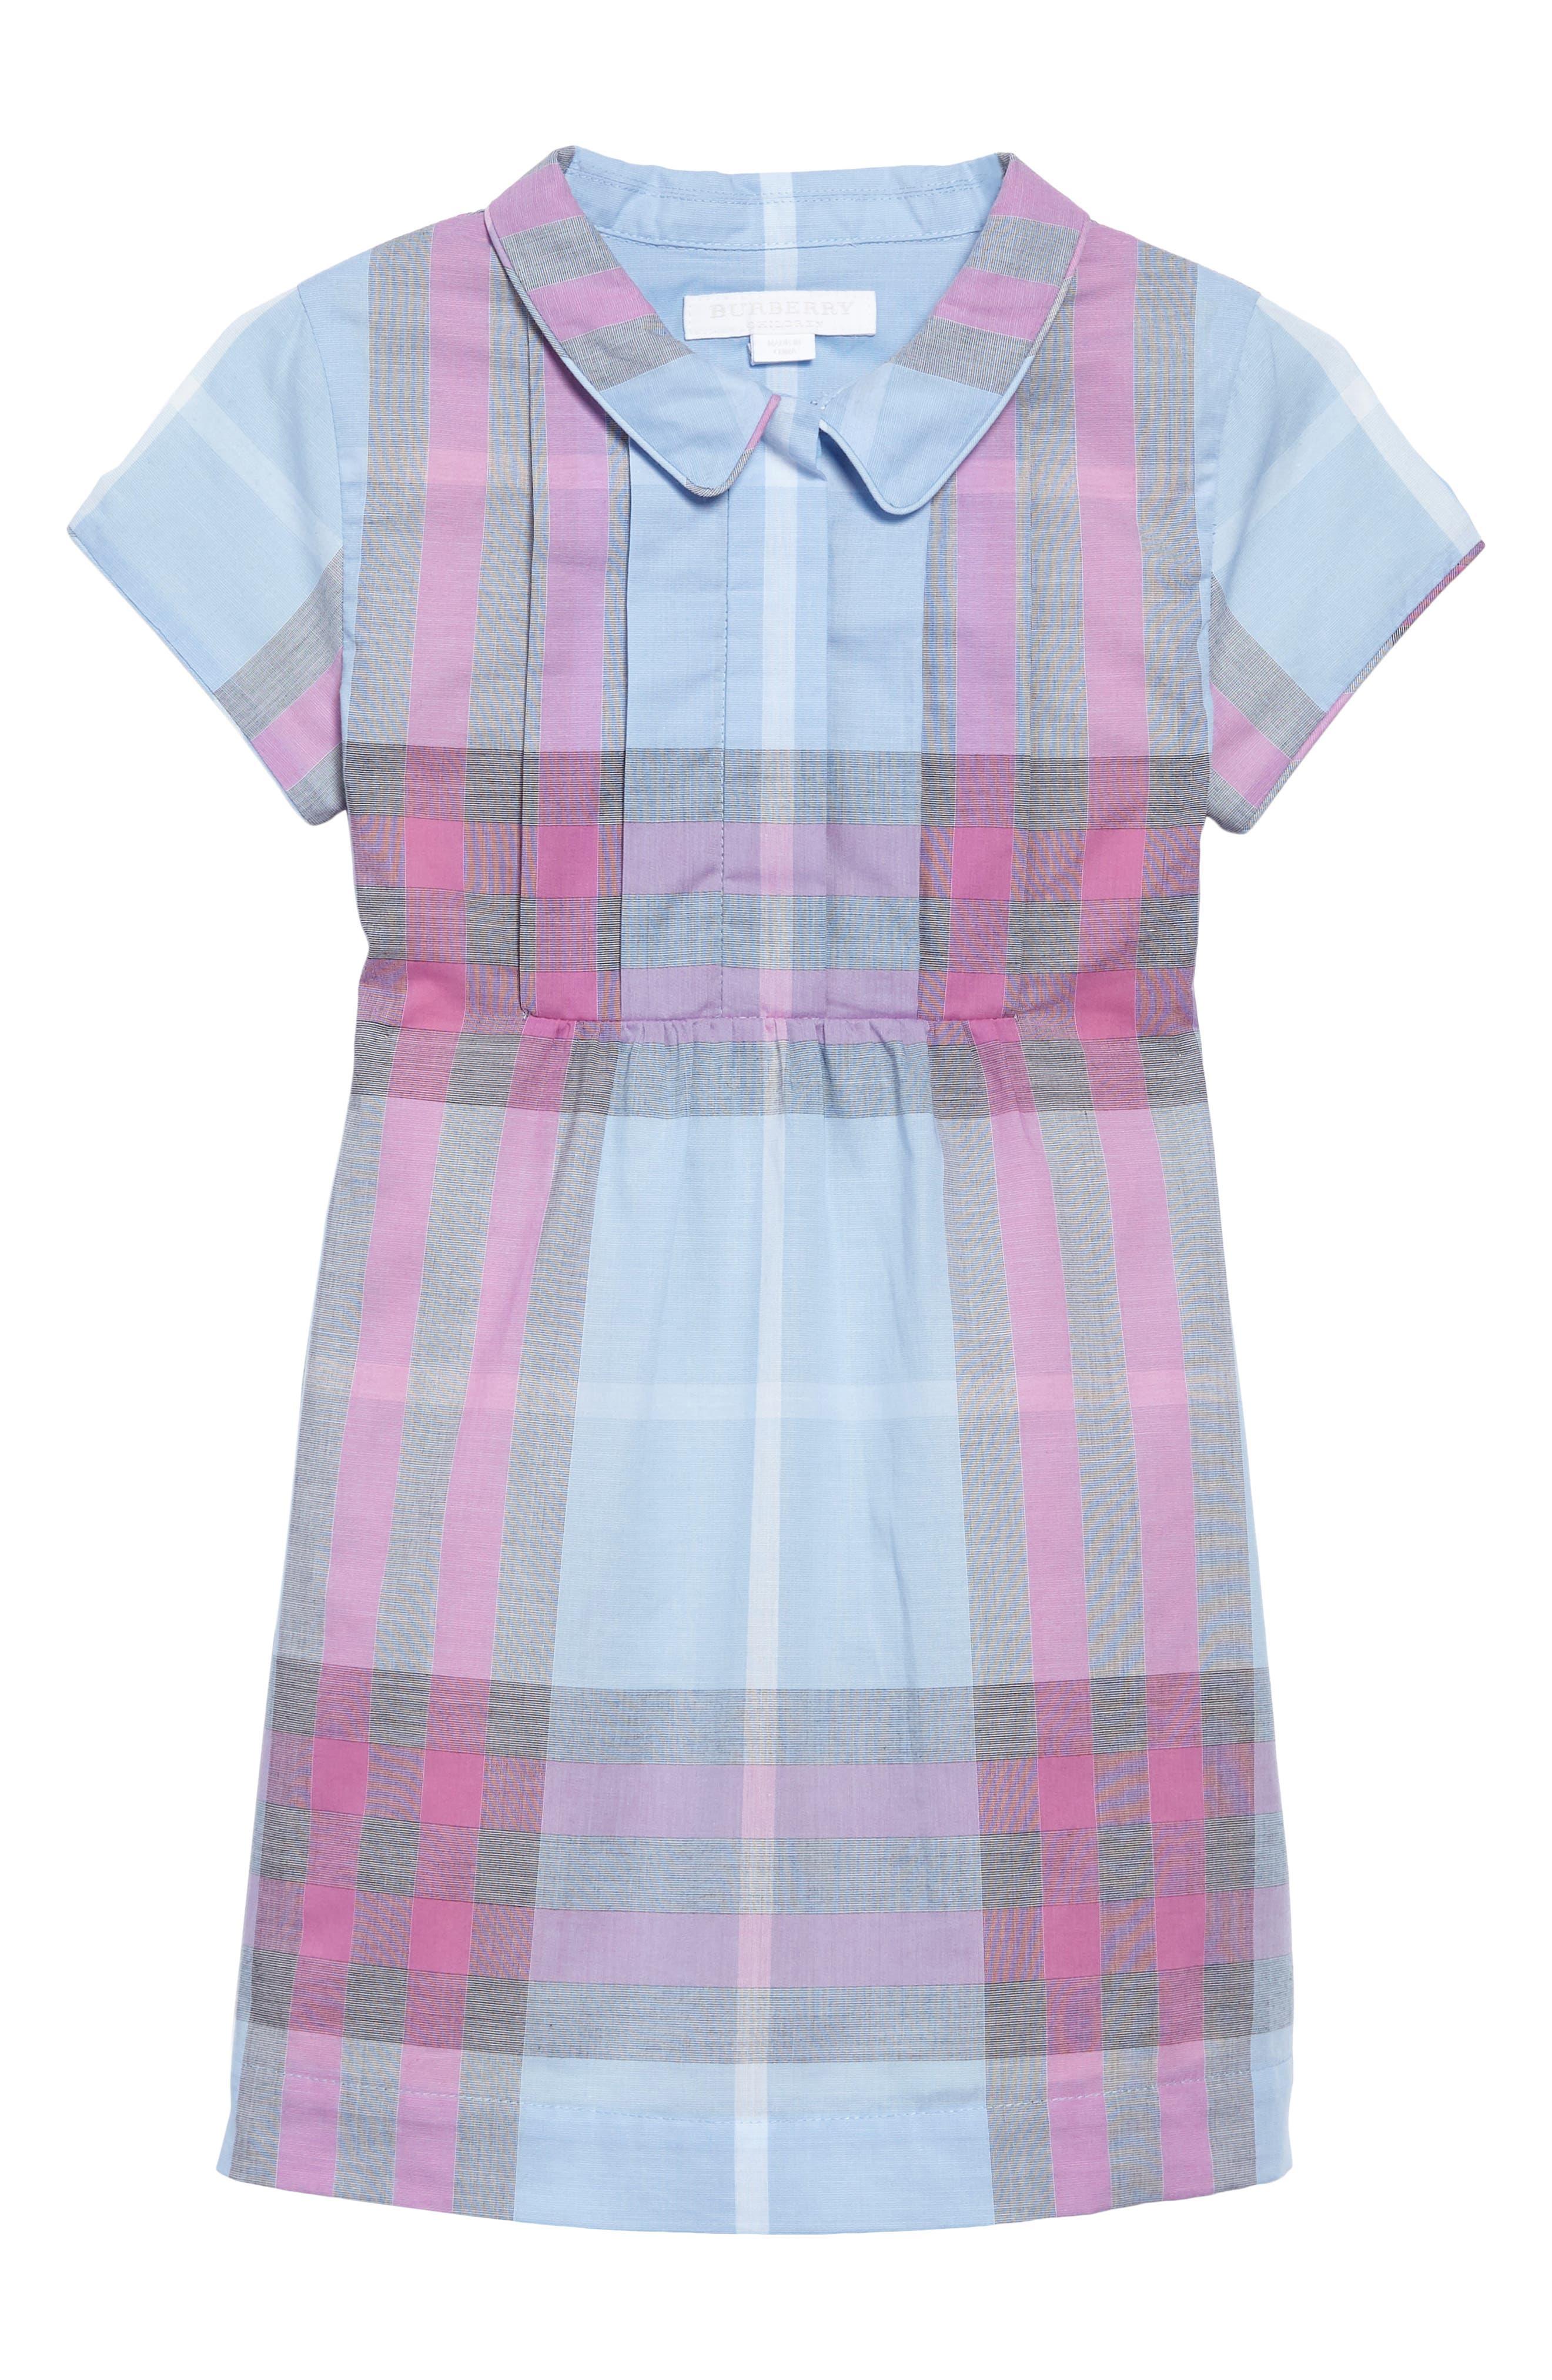 Taylor Check Dress,                             Main thumbnail 1, color,                             Chalk Blue